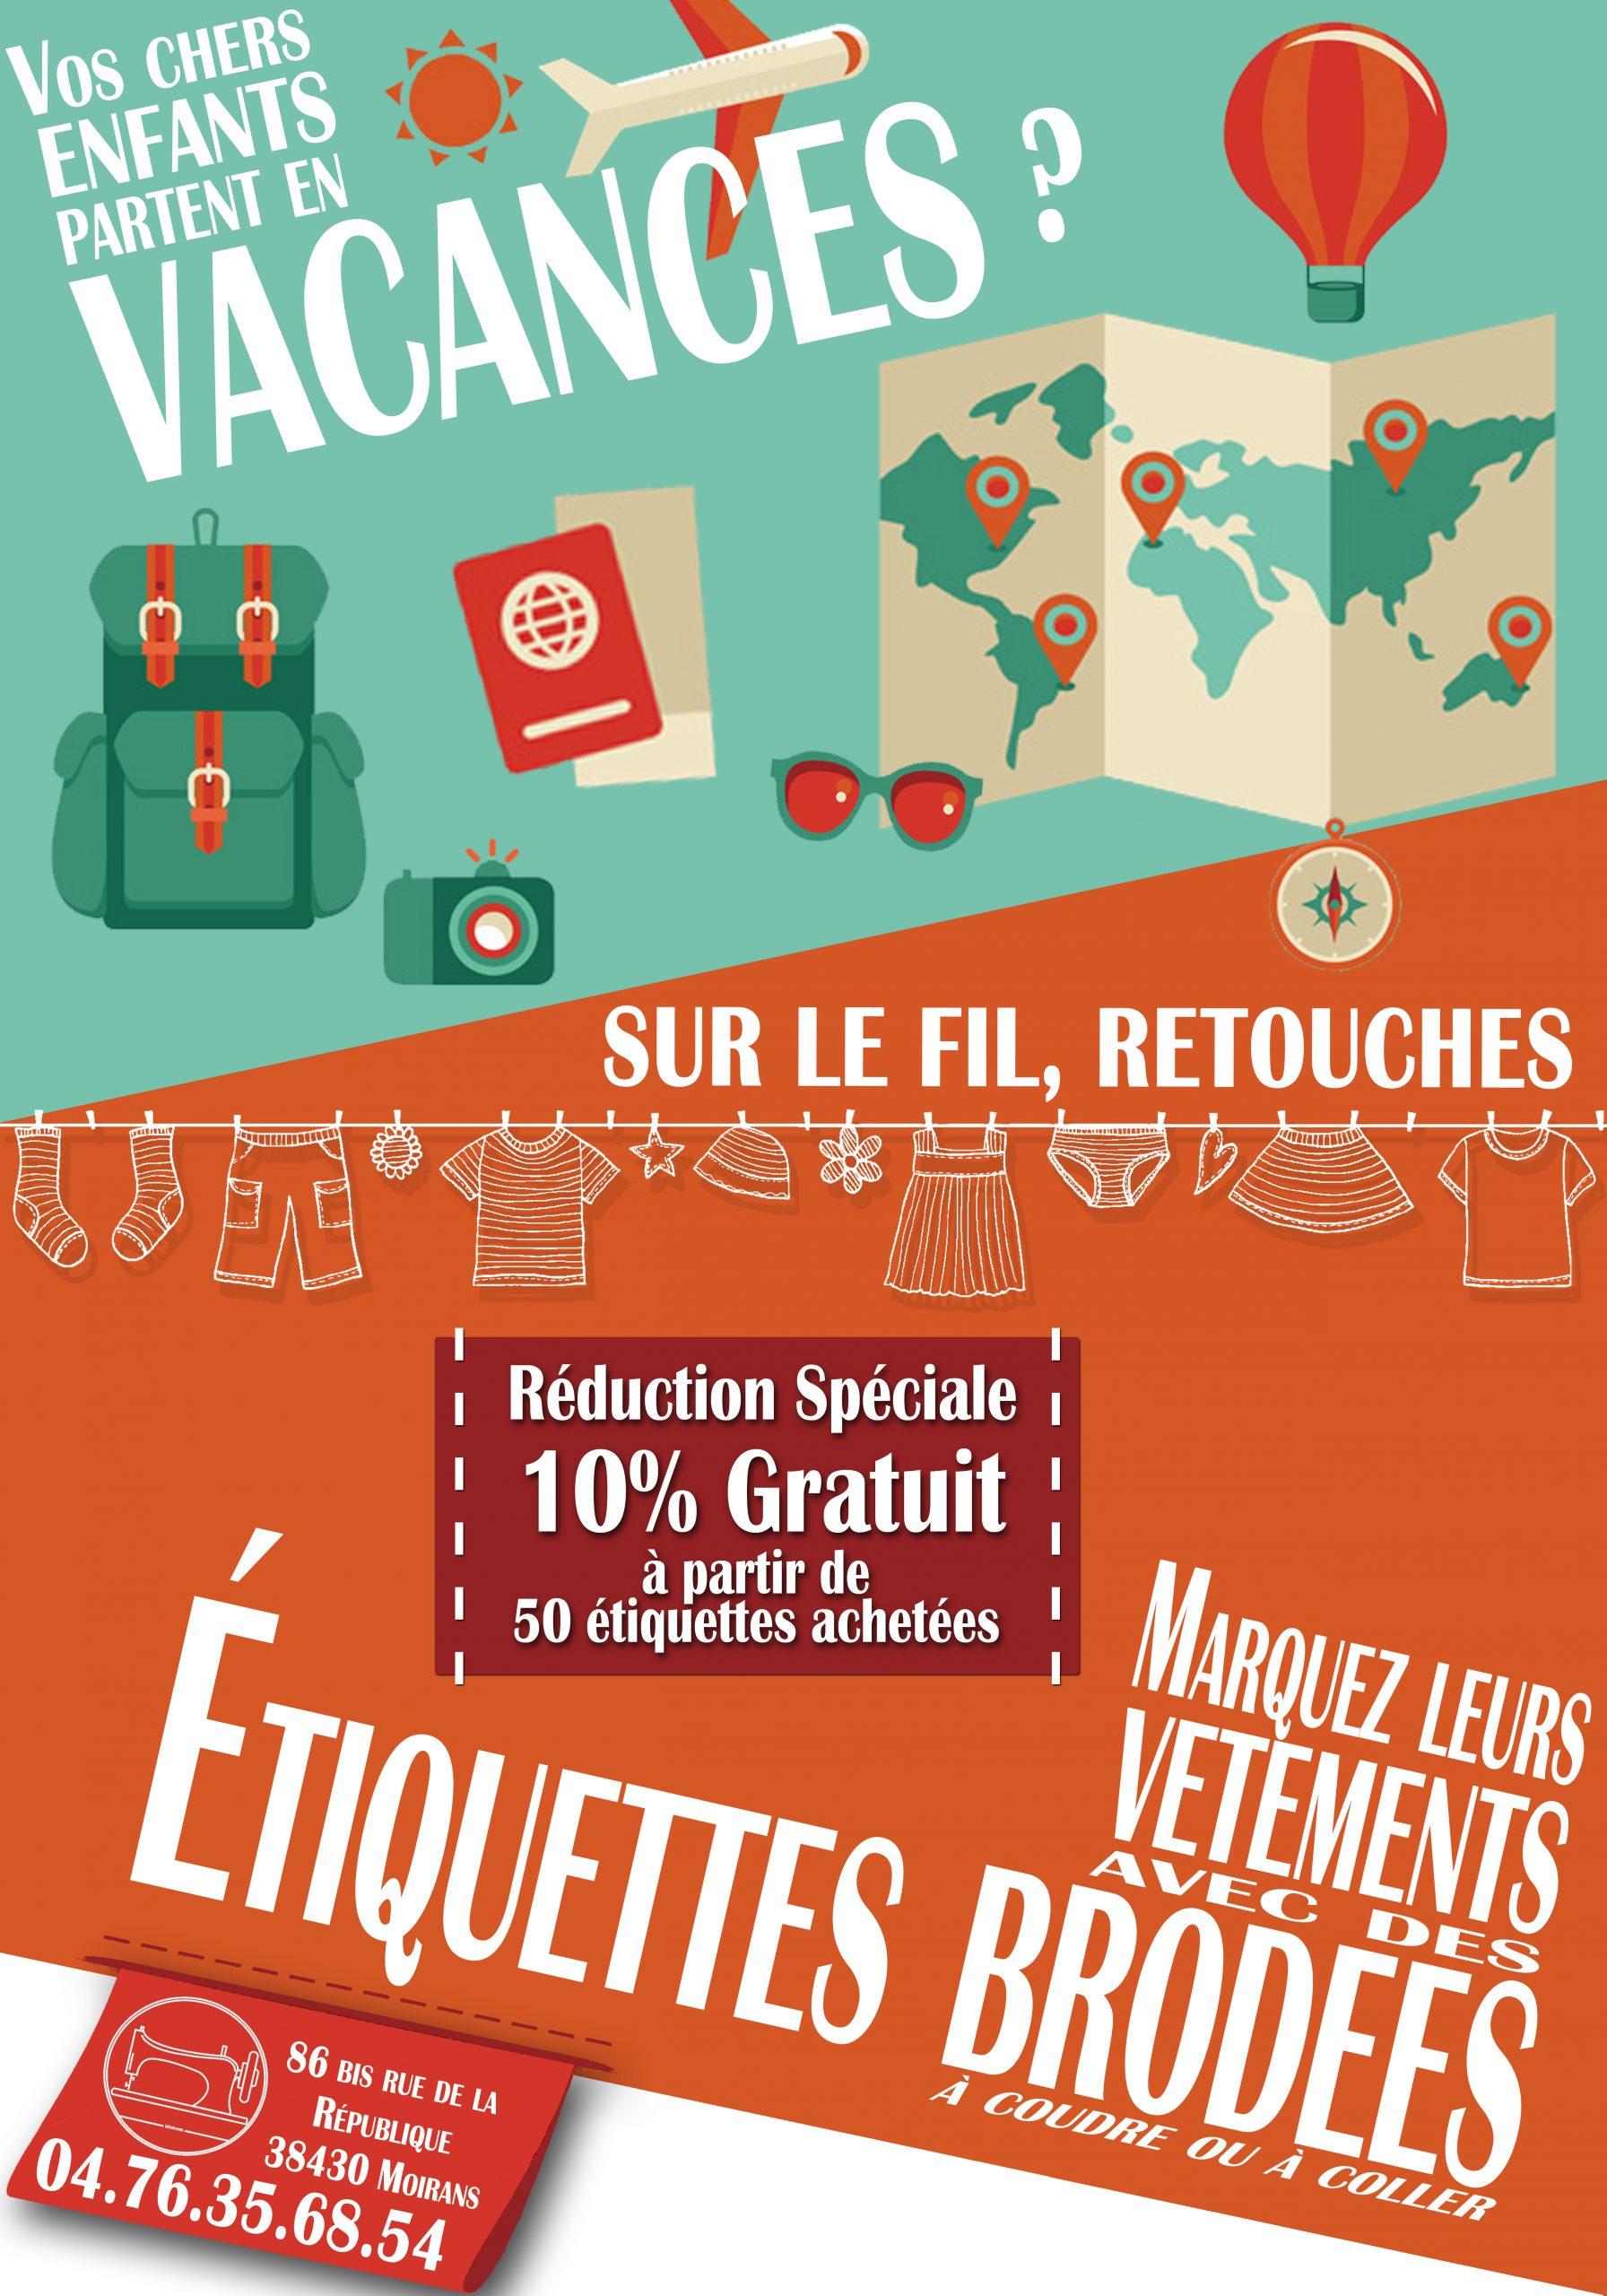 Vacances De Printemps ! – Sur Le Fil, Retouches (Moirans) tout Etiquette Scolaire Personnalisé Gratuit